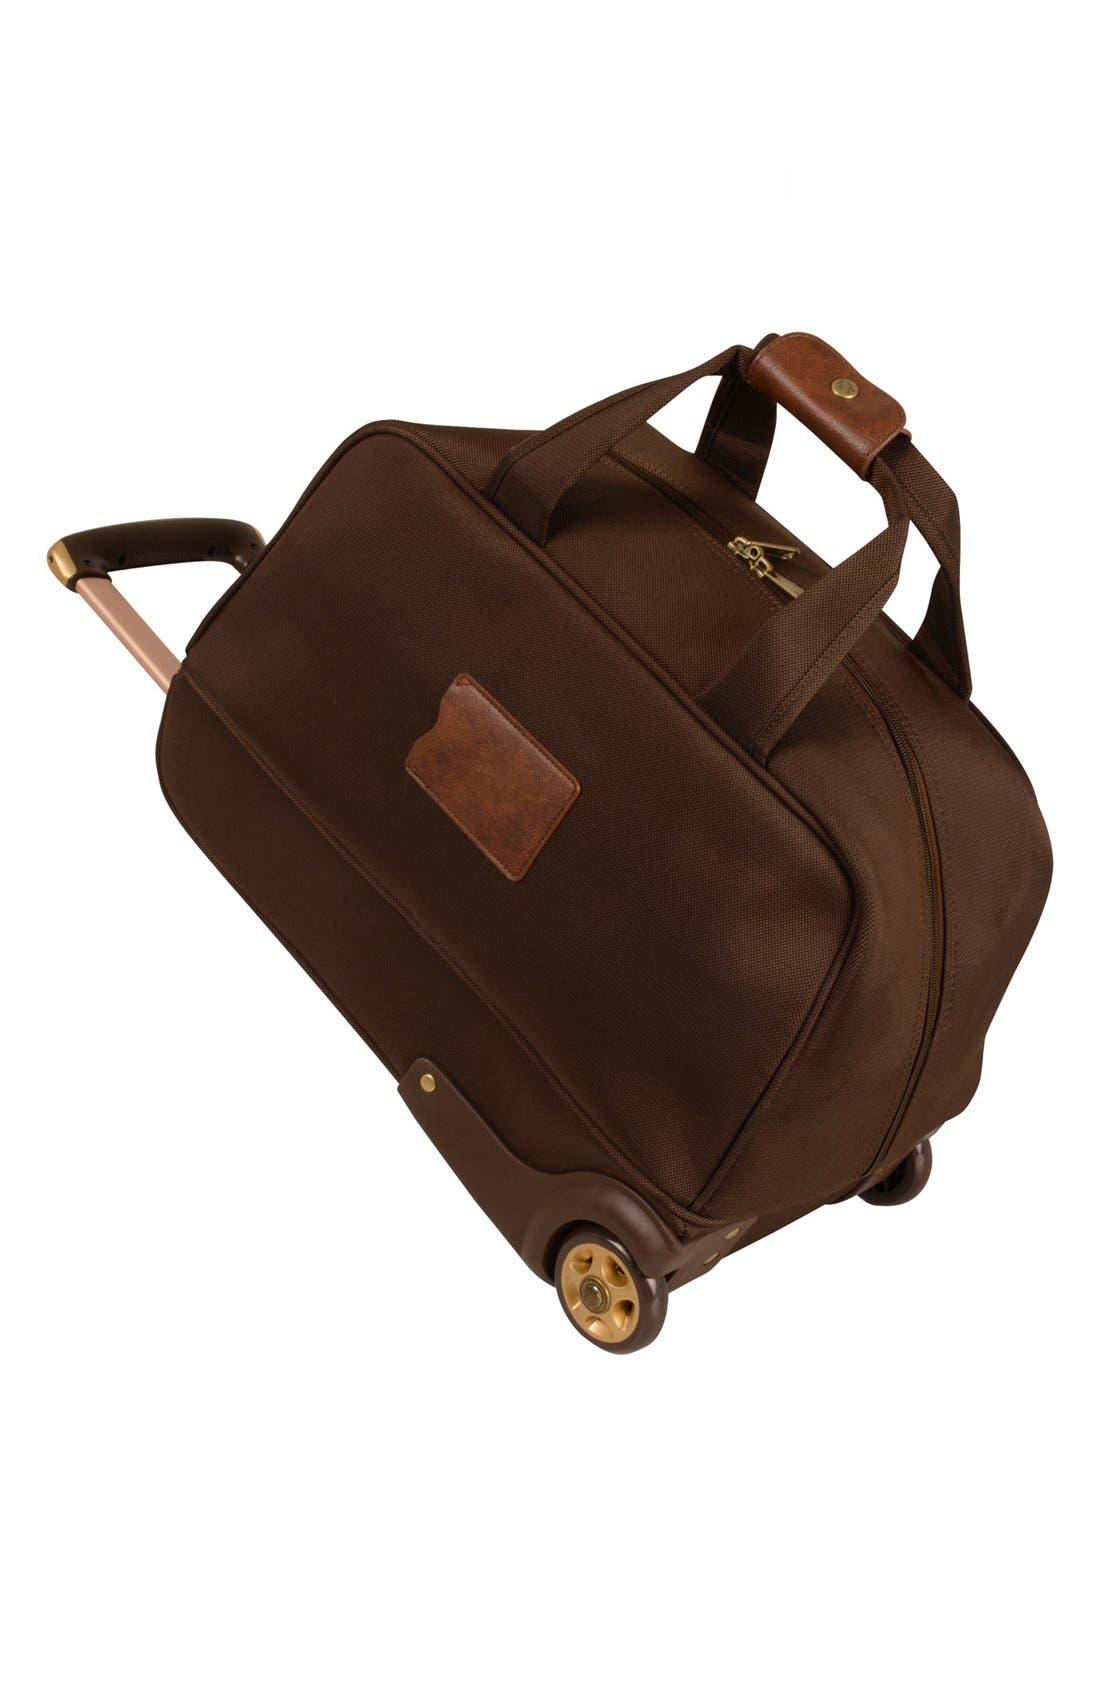 Alternate Image 2  - Tommy Bahama 'Harbor' Rolling Suitcase